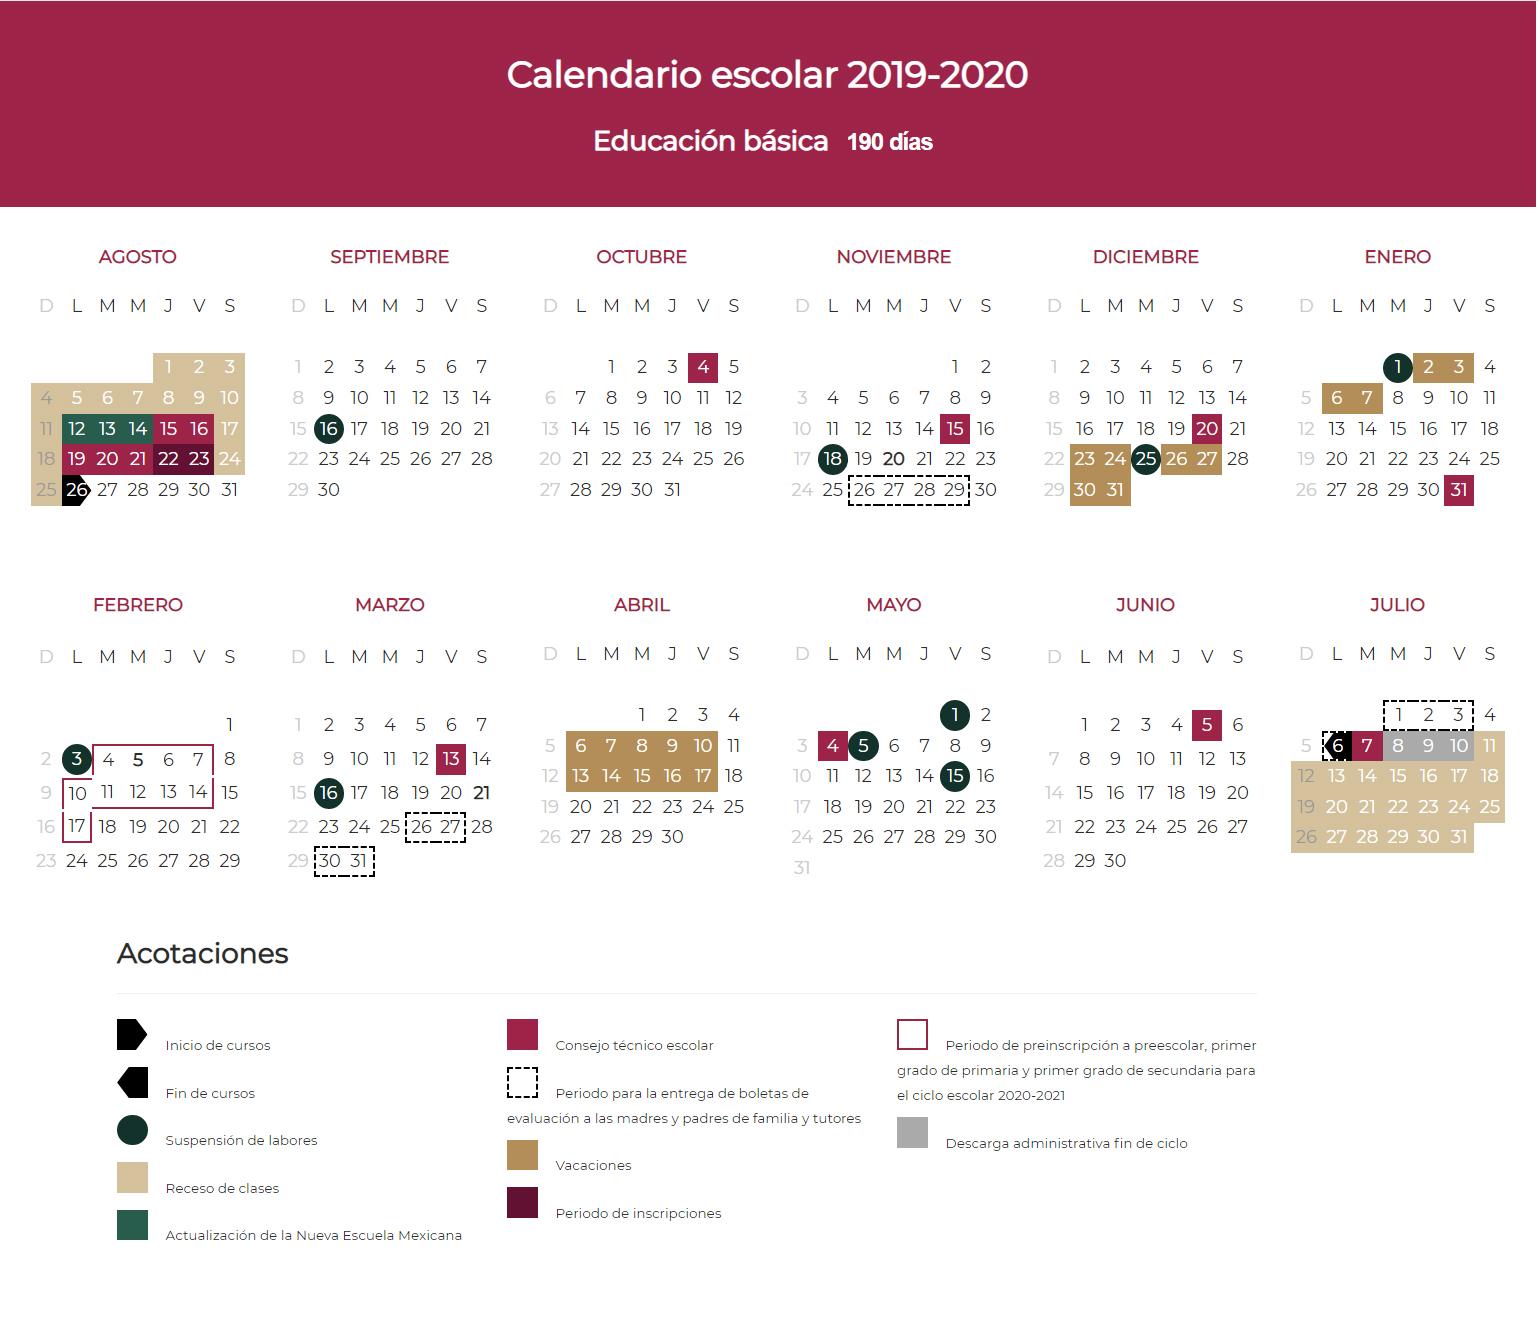 calendario escolar 190 dias